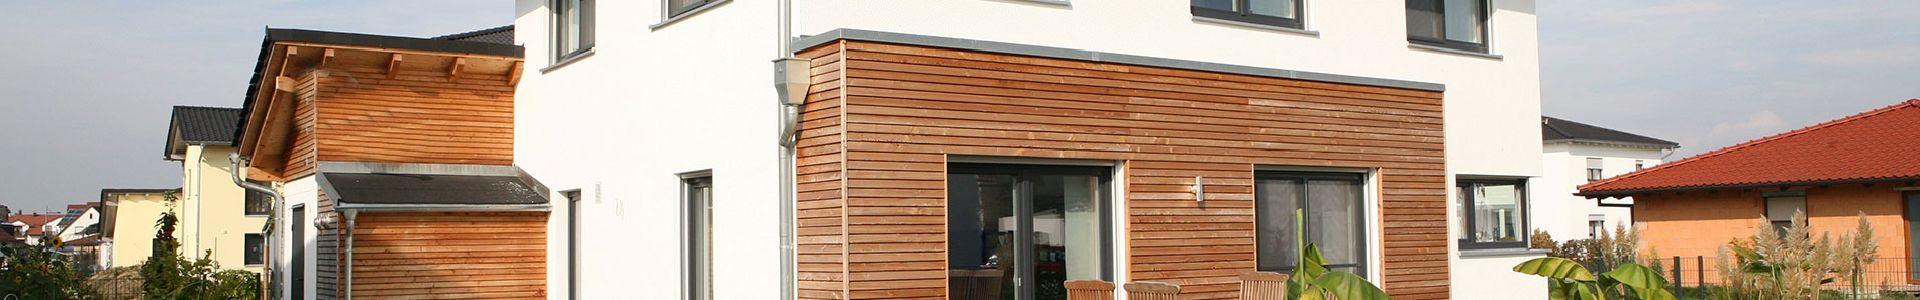 Fassaden Profilholz Informationen